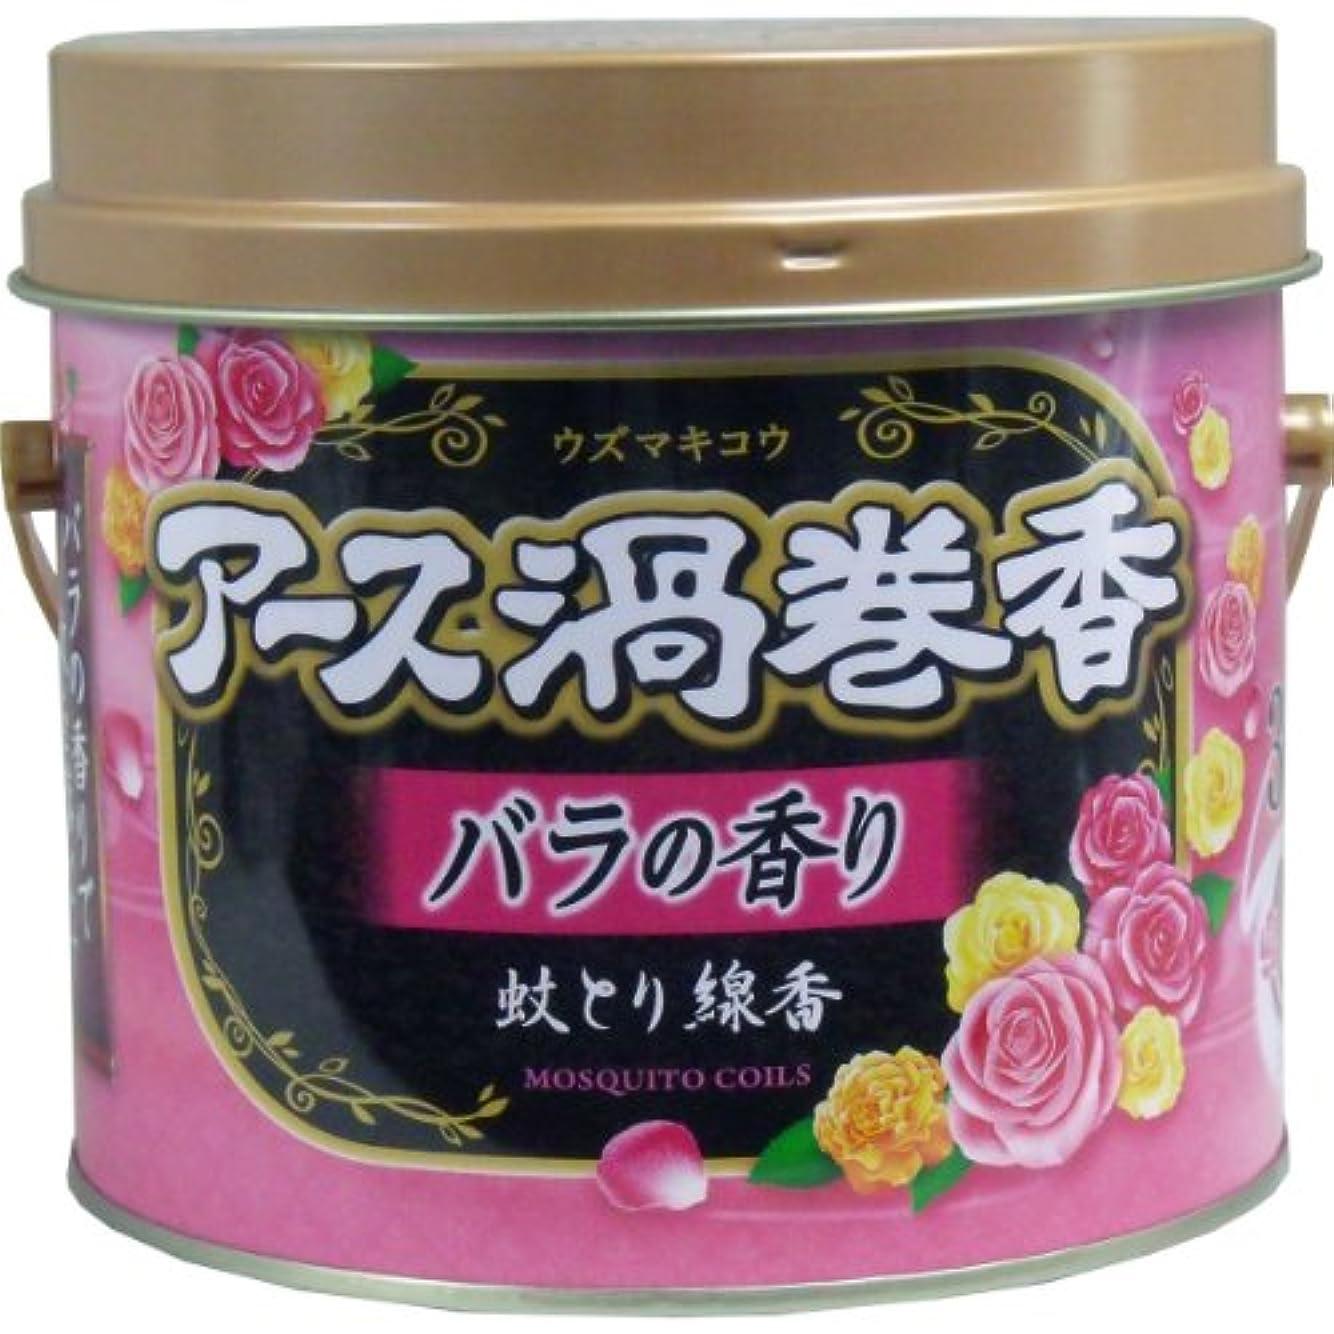 それから韻リビジョンアース渦巻香 蚊とり線香 バラの香り 30巻3個セット